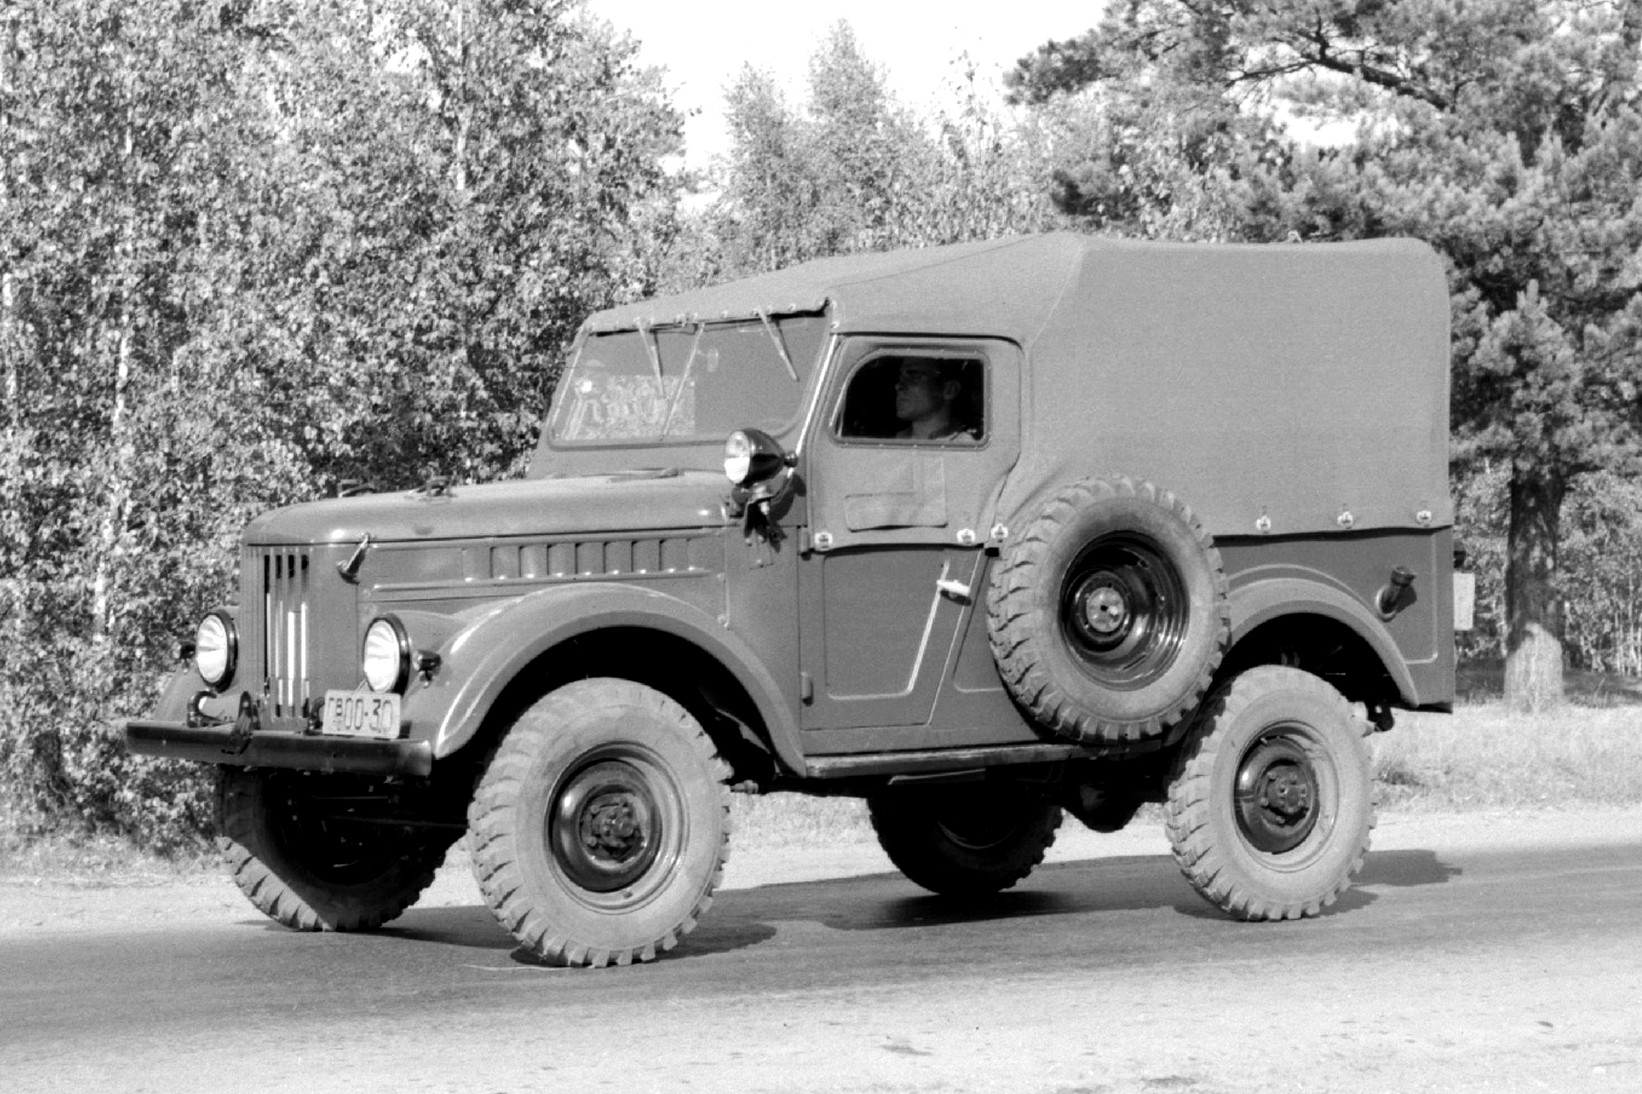 Первые ГАЗ-69 были собраны на заводе в Ульяновске ещё в декабре 1954 года